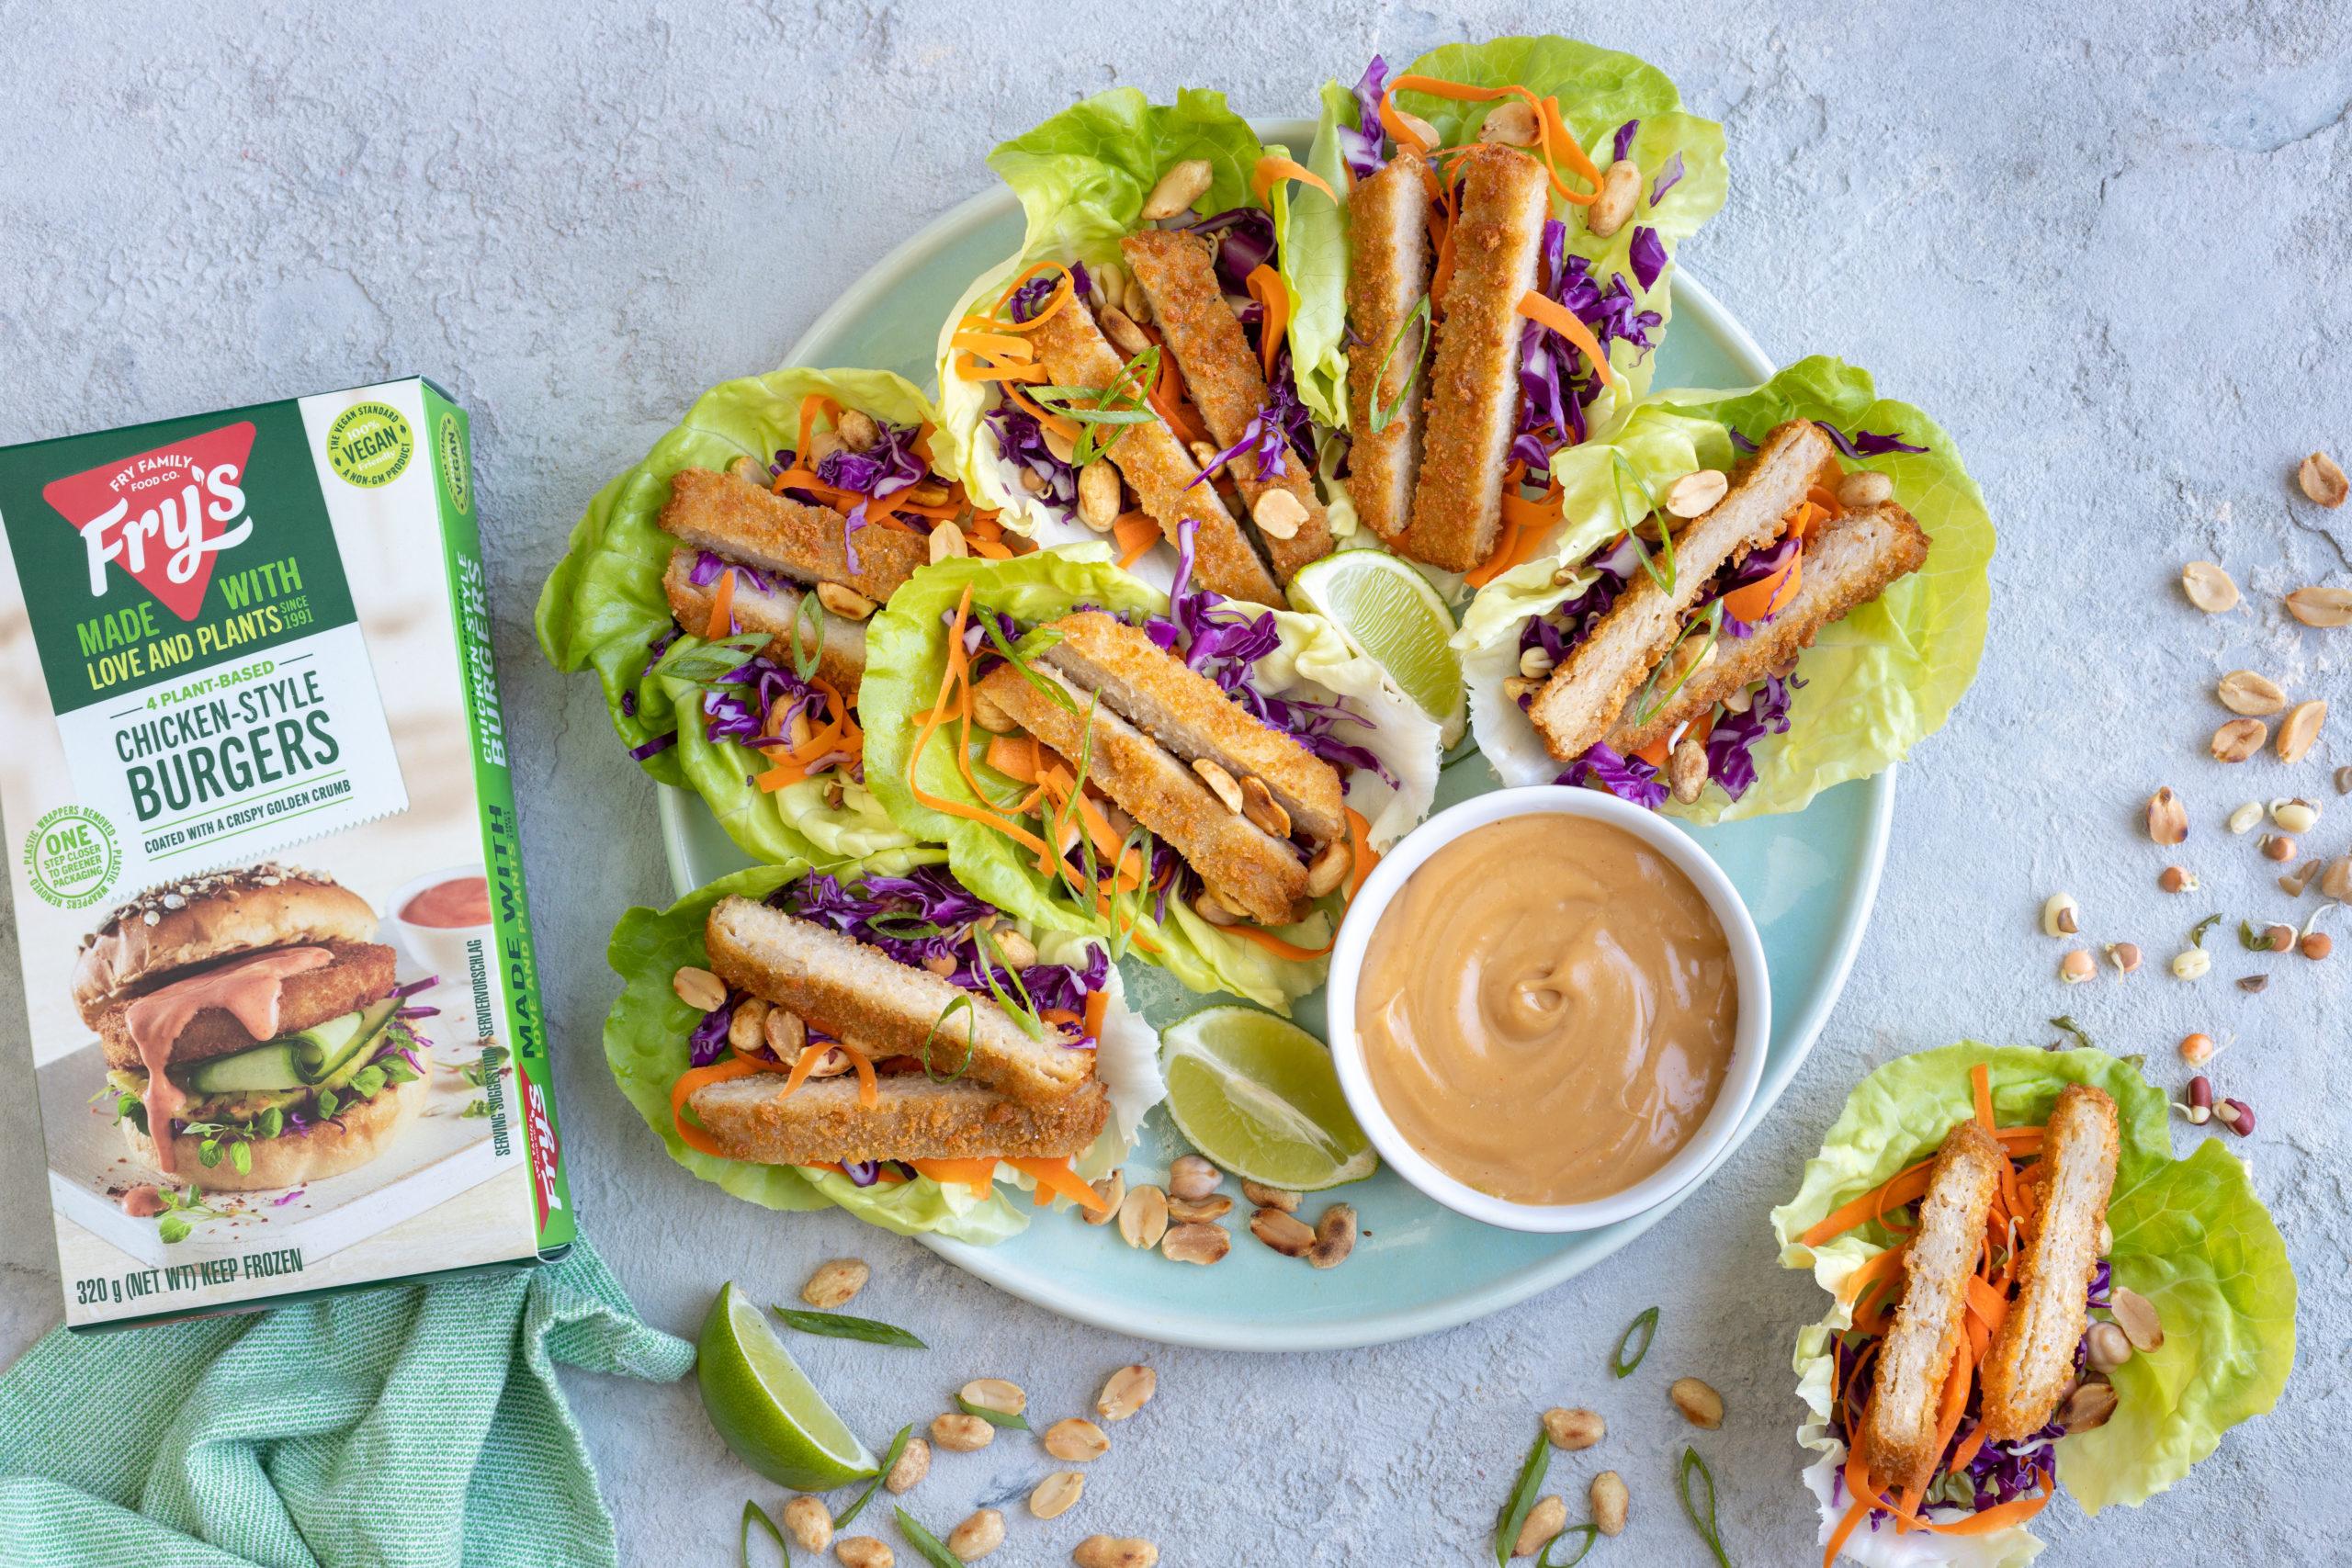 12_Frys_Chicken-Style_burgers in lettuce cups_L